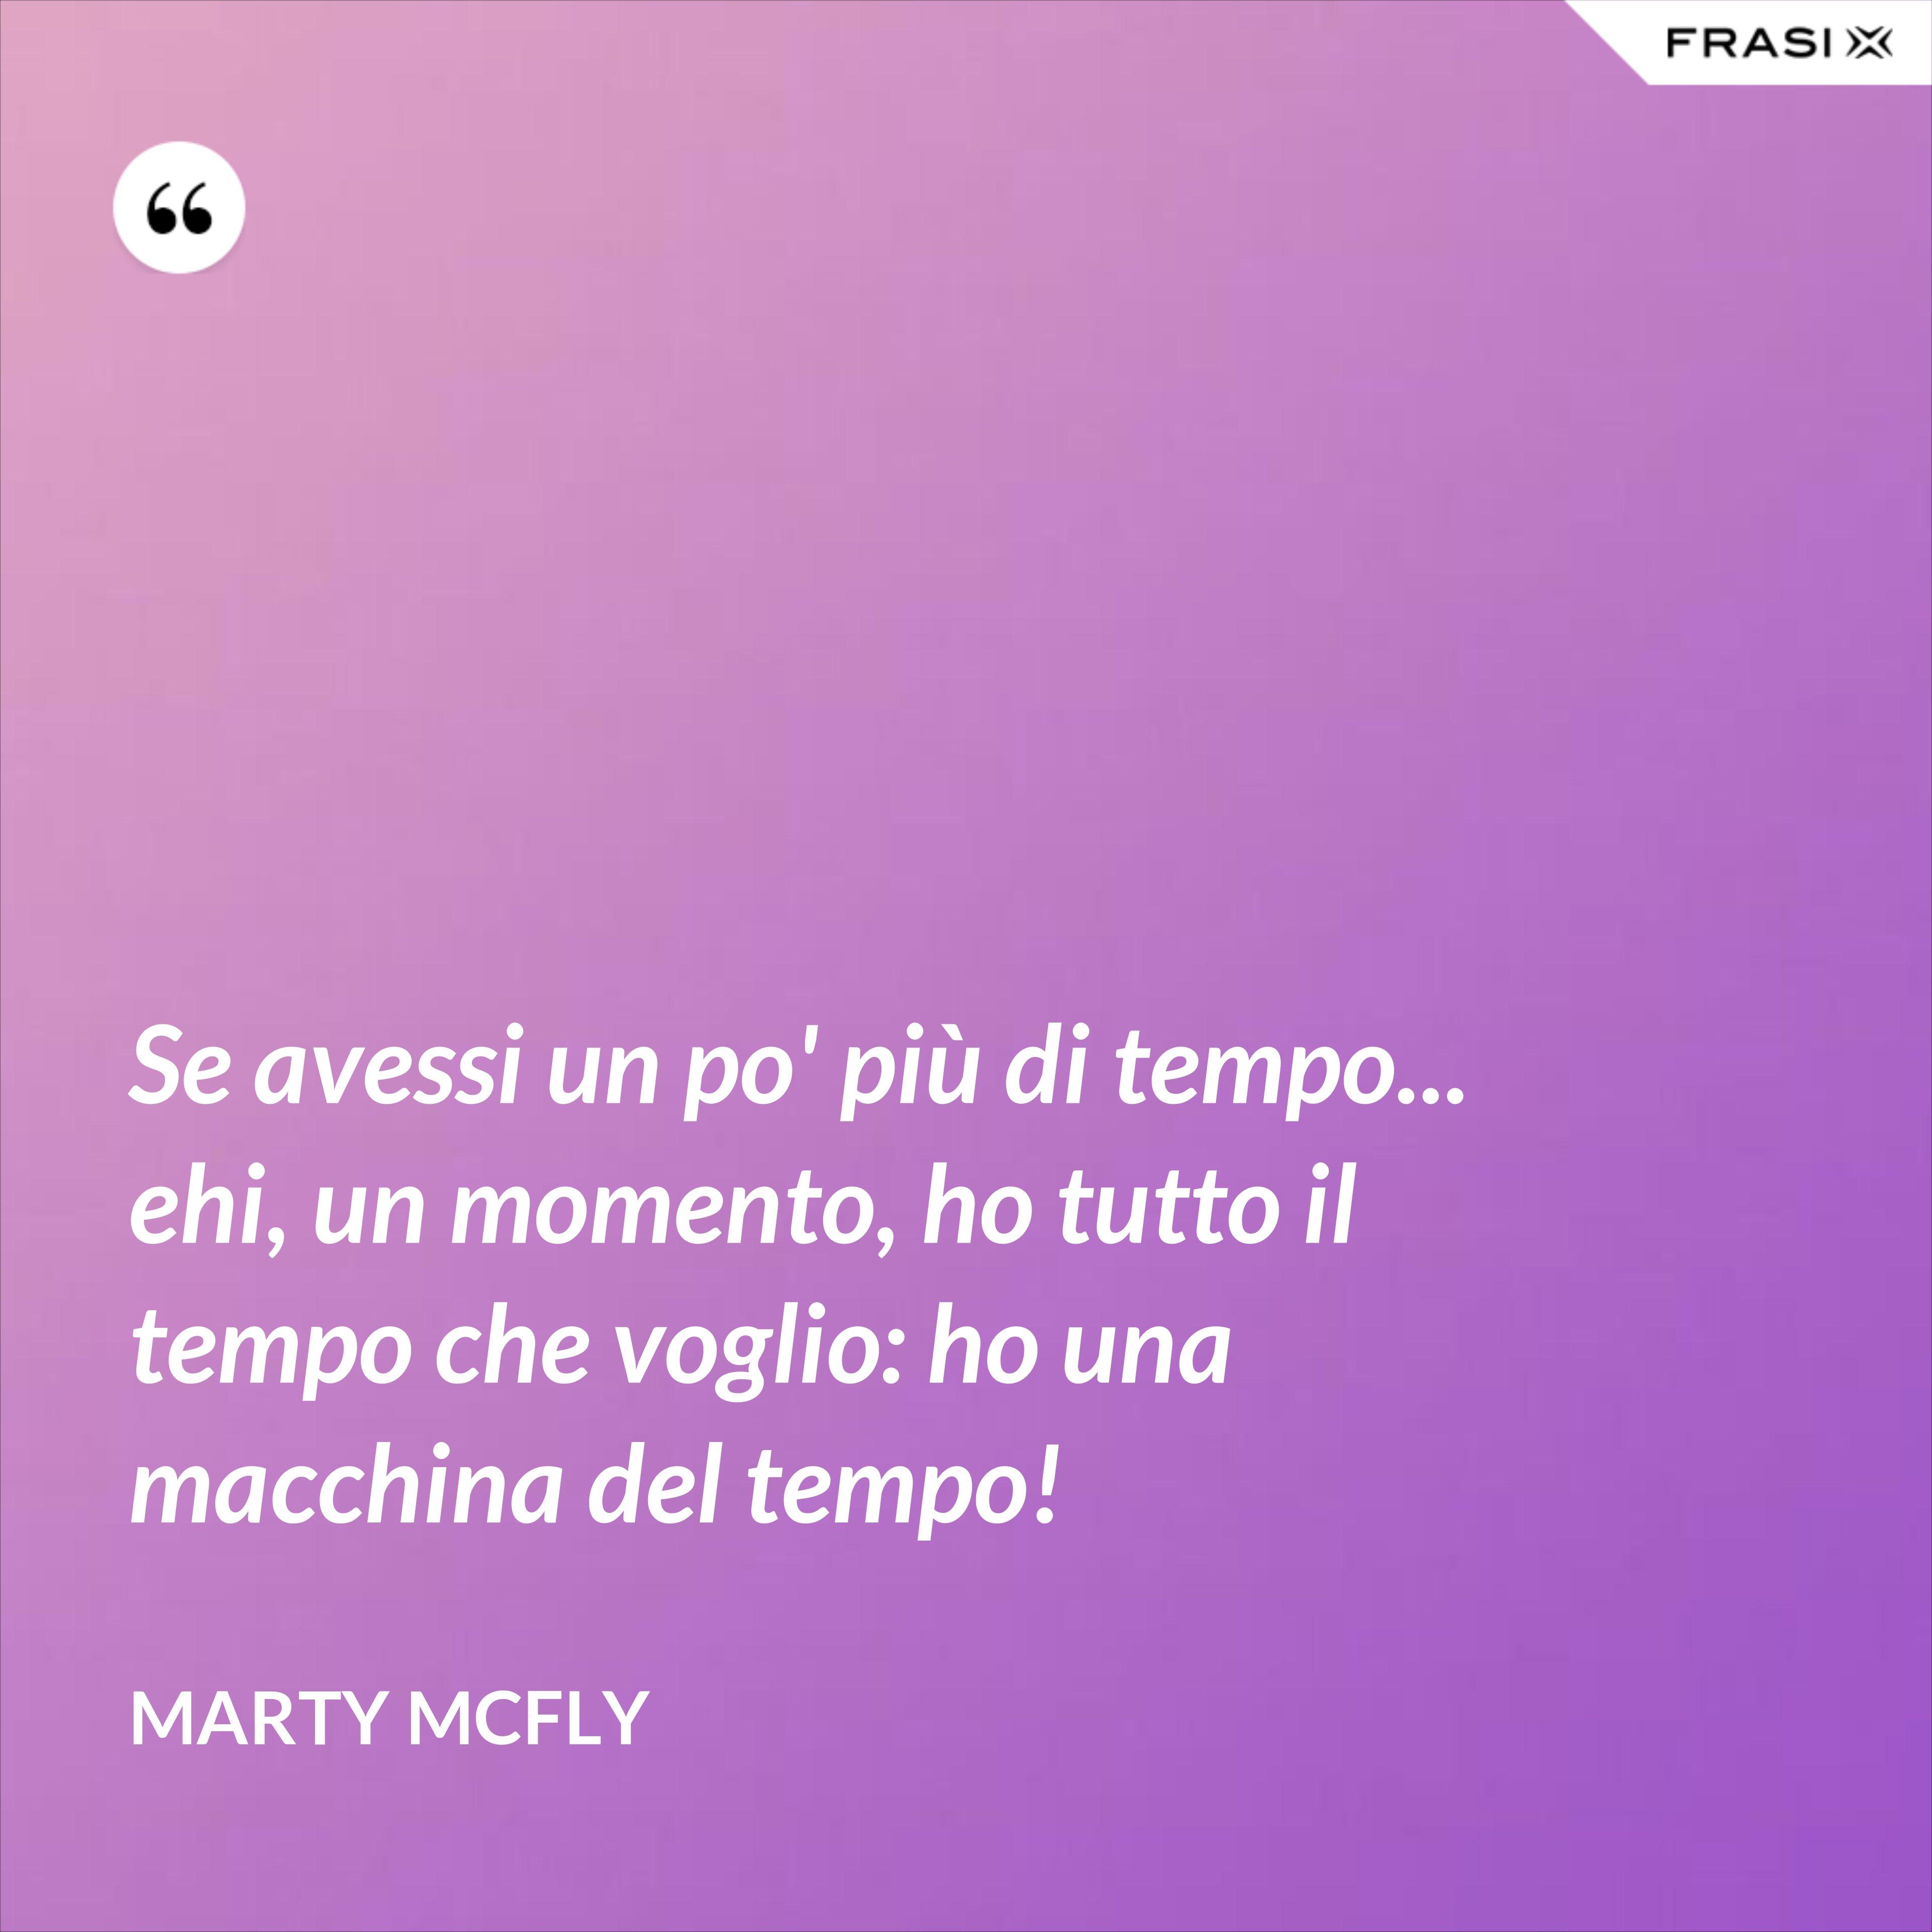 Se avessi un po' più di tempo... ehi, un momento, ho tutto il tempo che voglio: ho una macchina del tempo! - Marty Mcfly